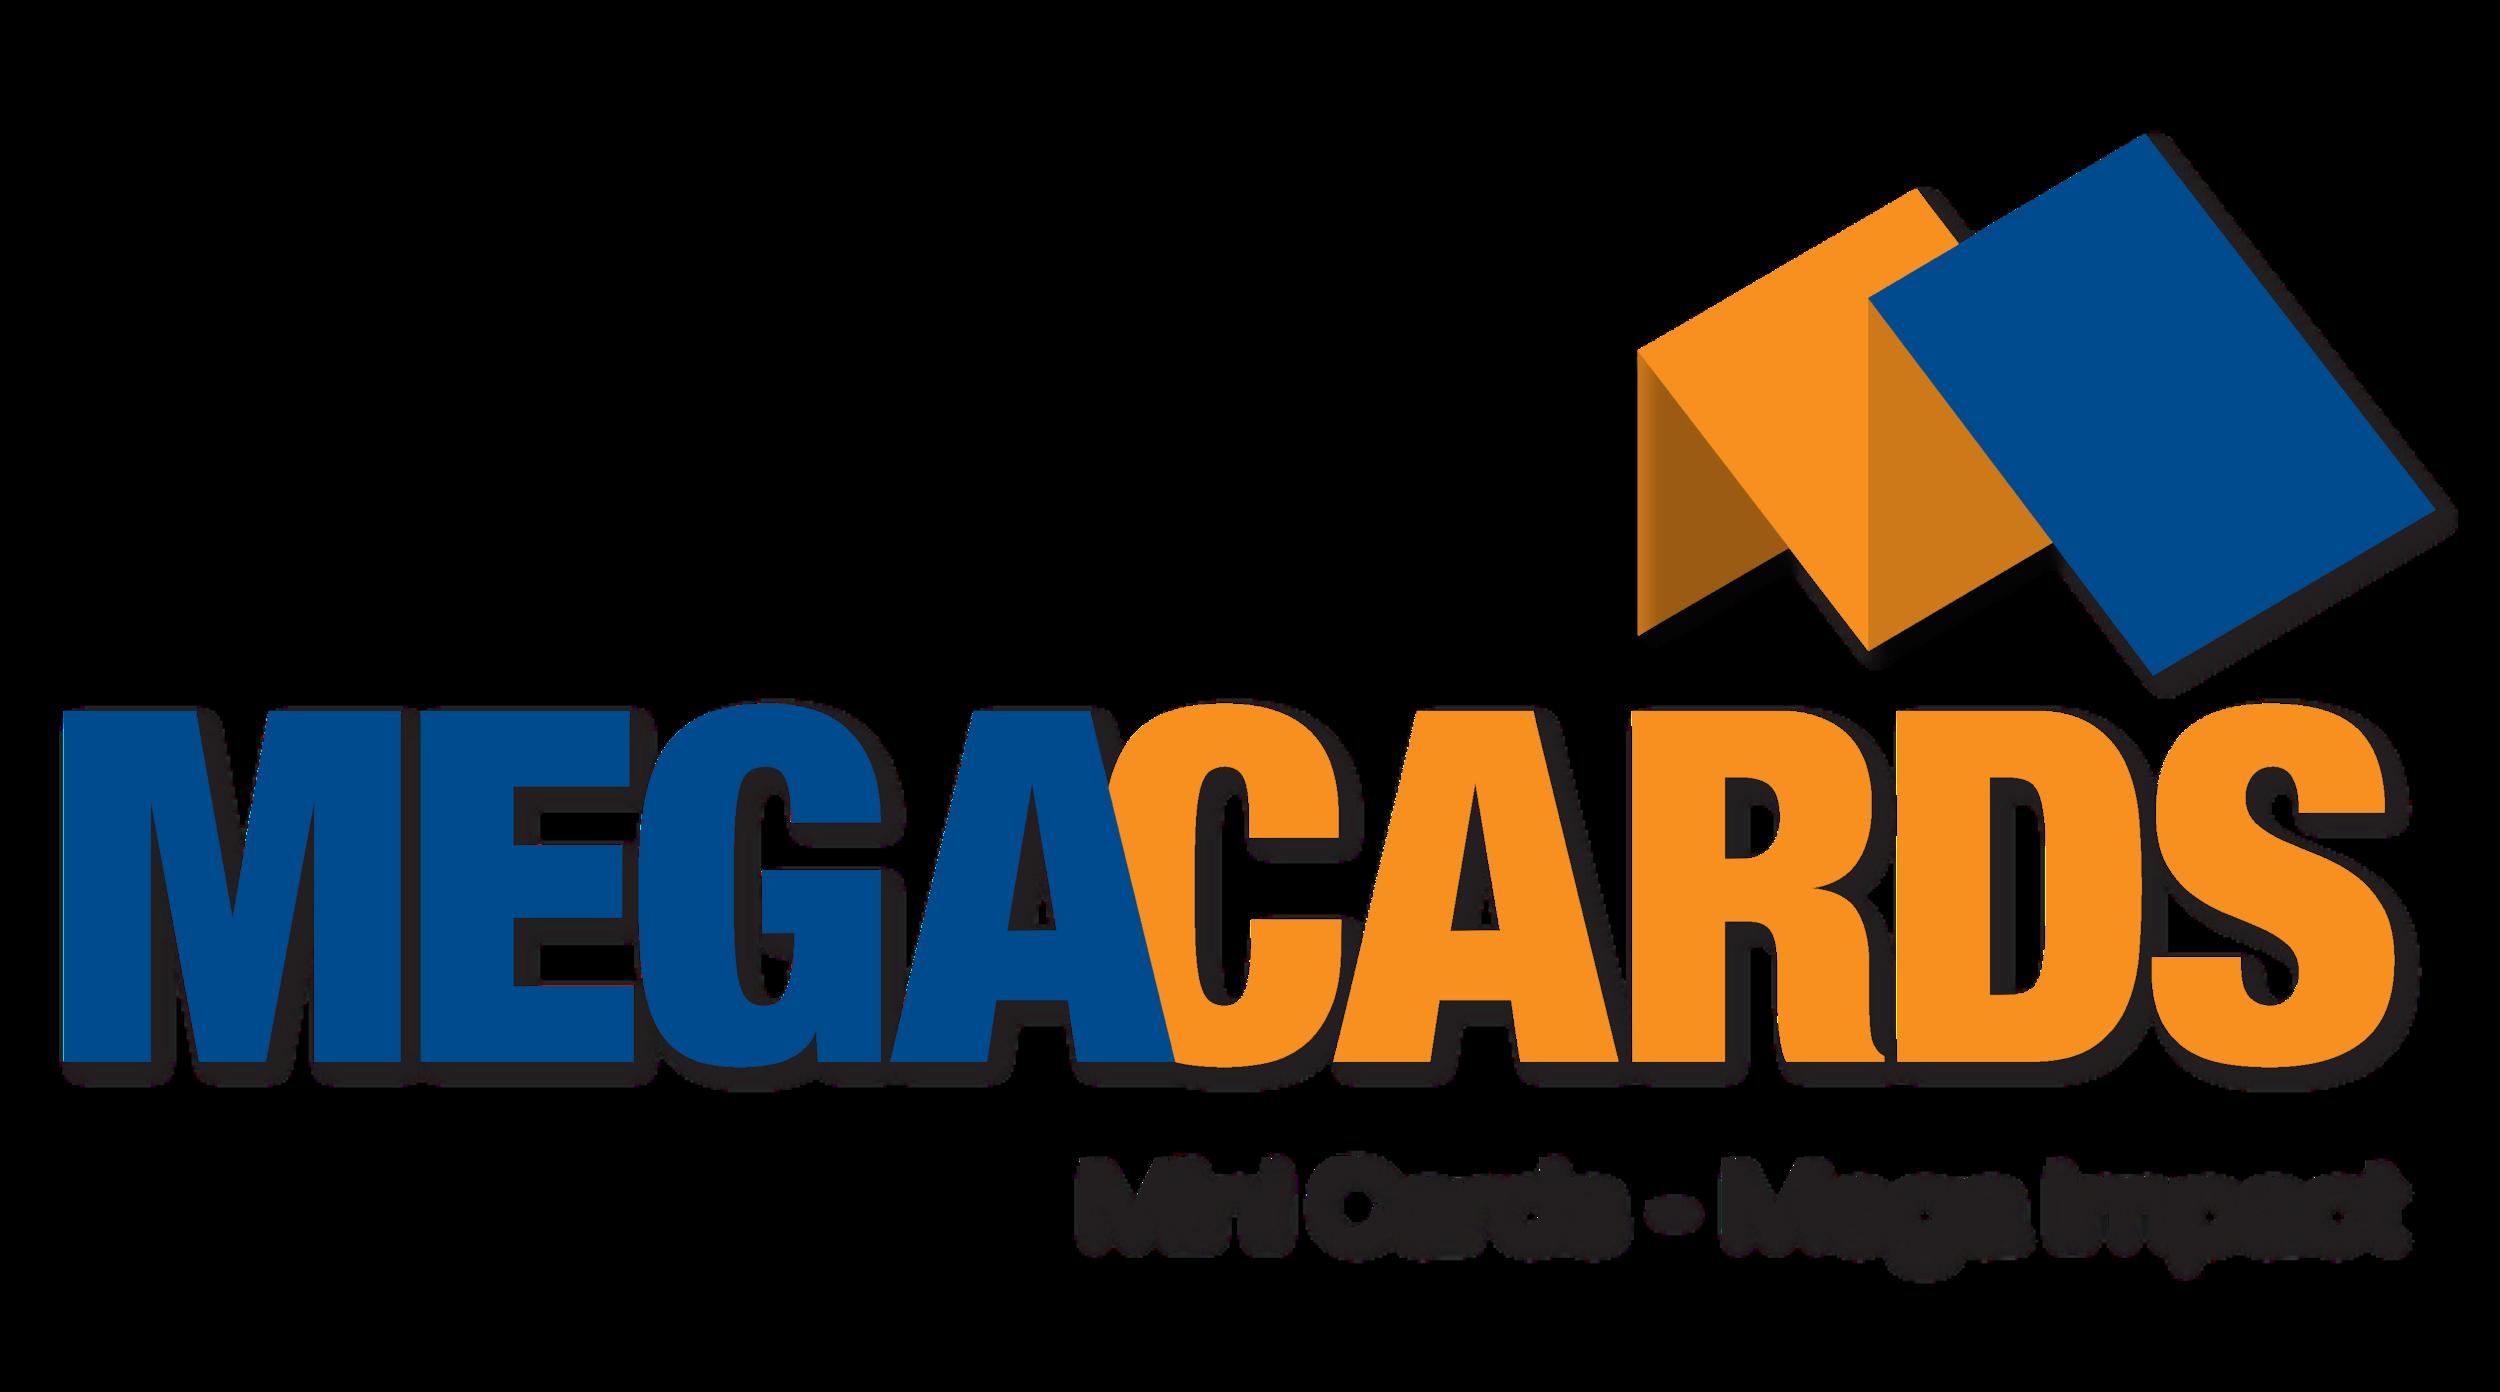 MegaCards_website_Logo-01.png